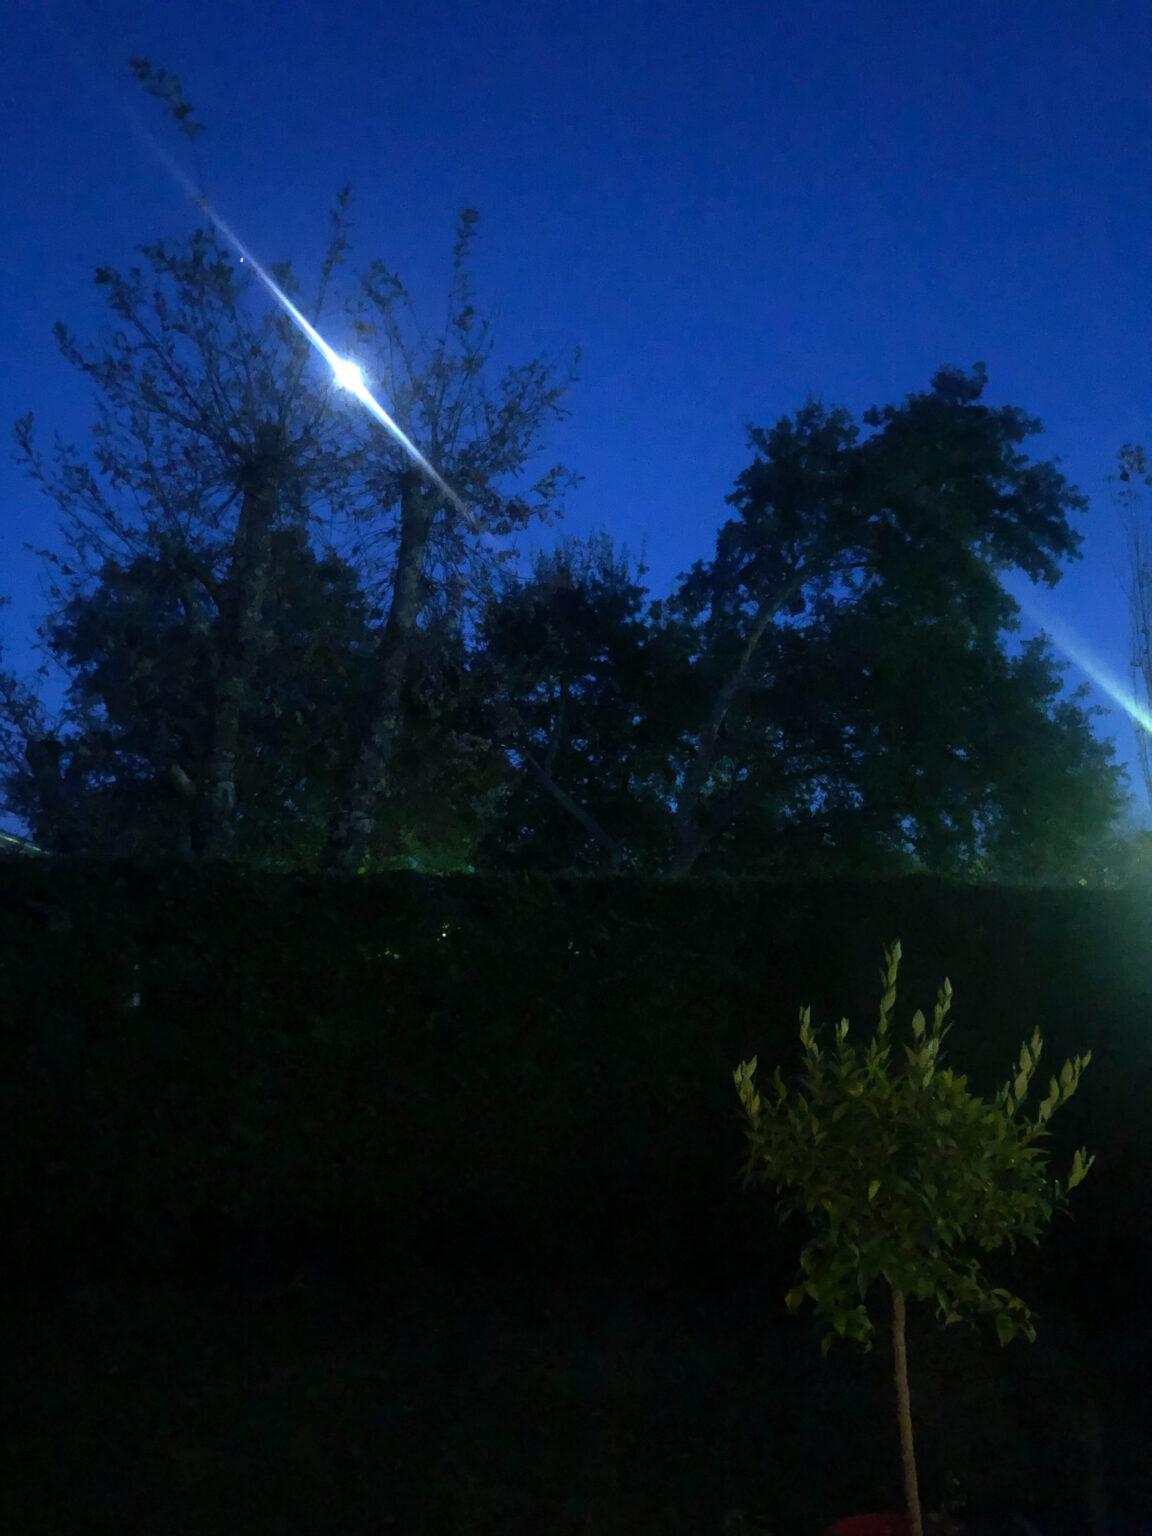 Photo de nuit prise à l'Phone X